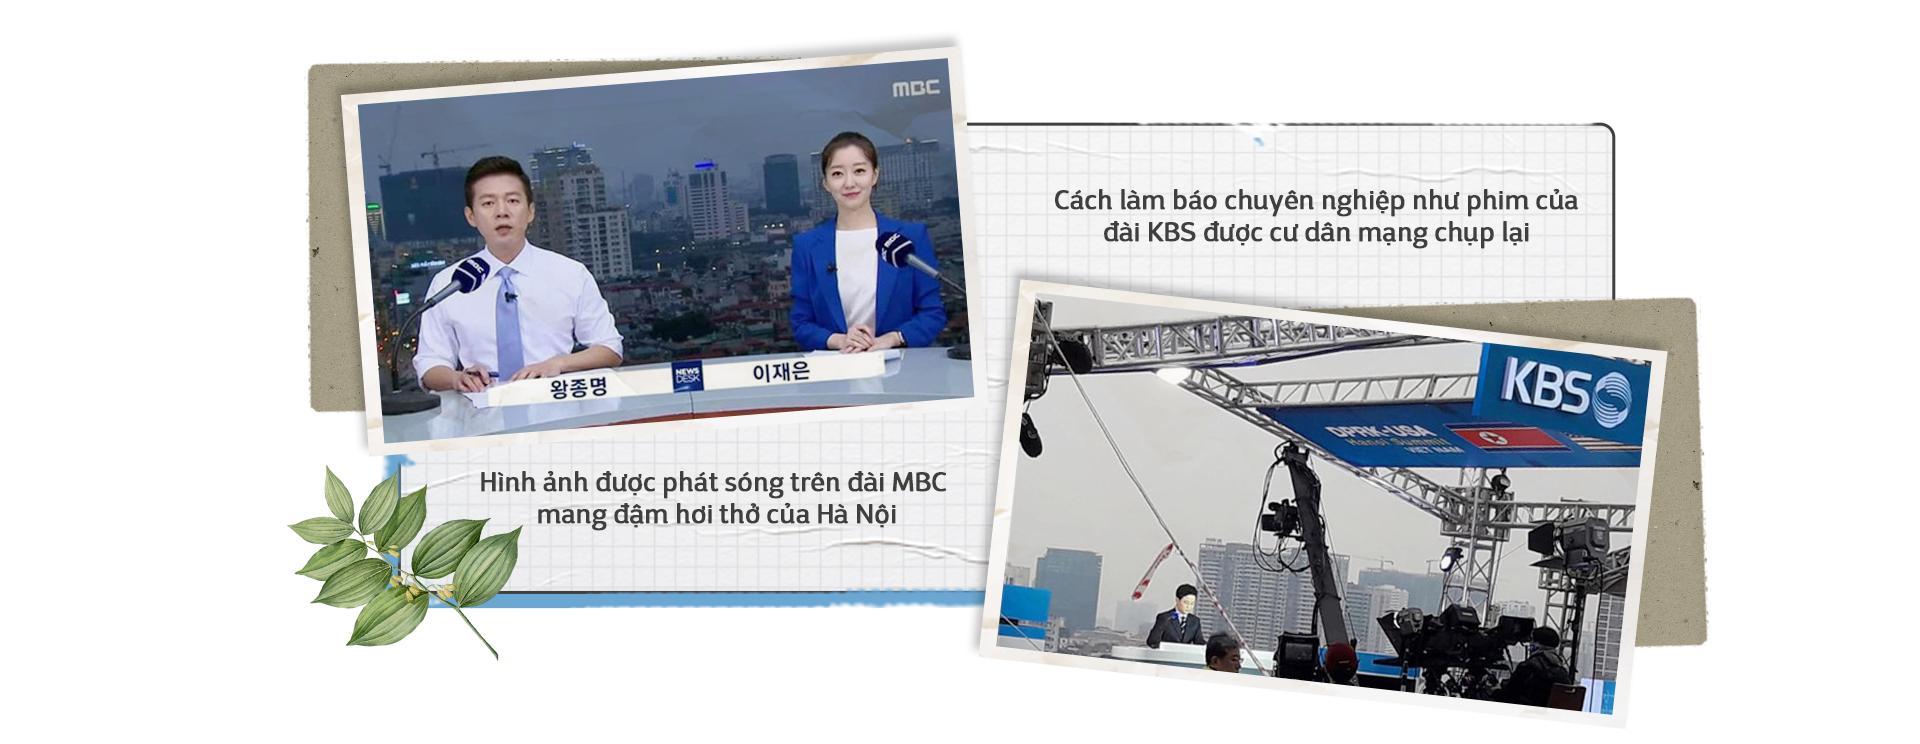 Những câu chuyện nóng hổi tạo trend trong giới trẻ Việt 2019 - Ảnh 18.